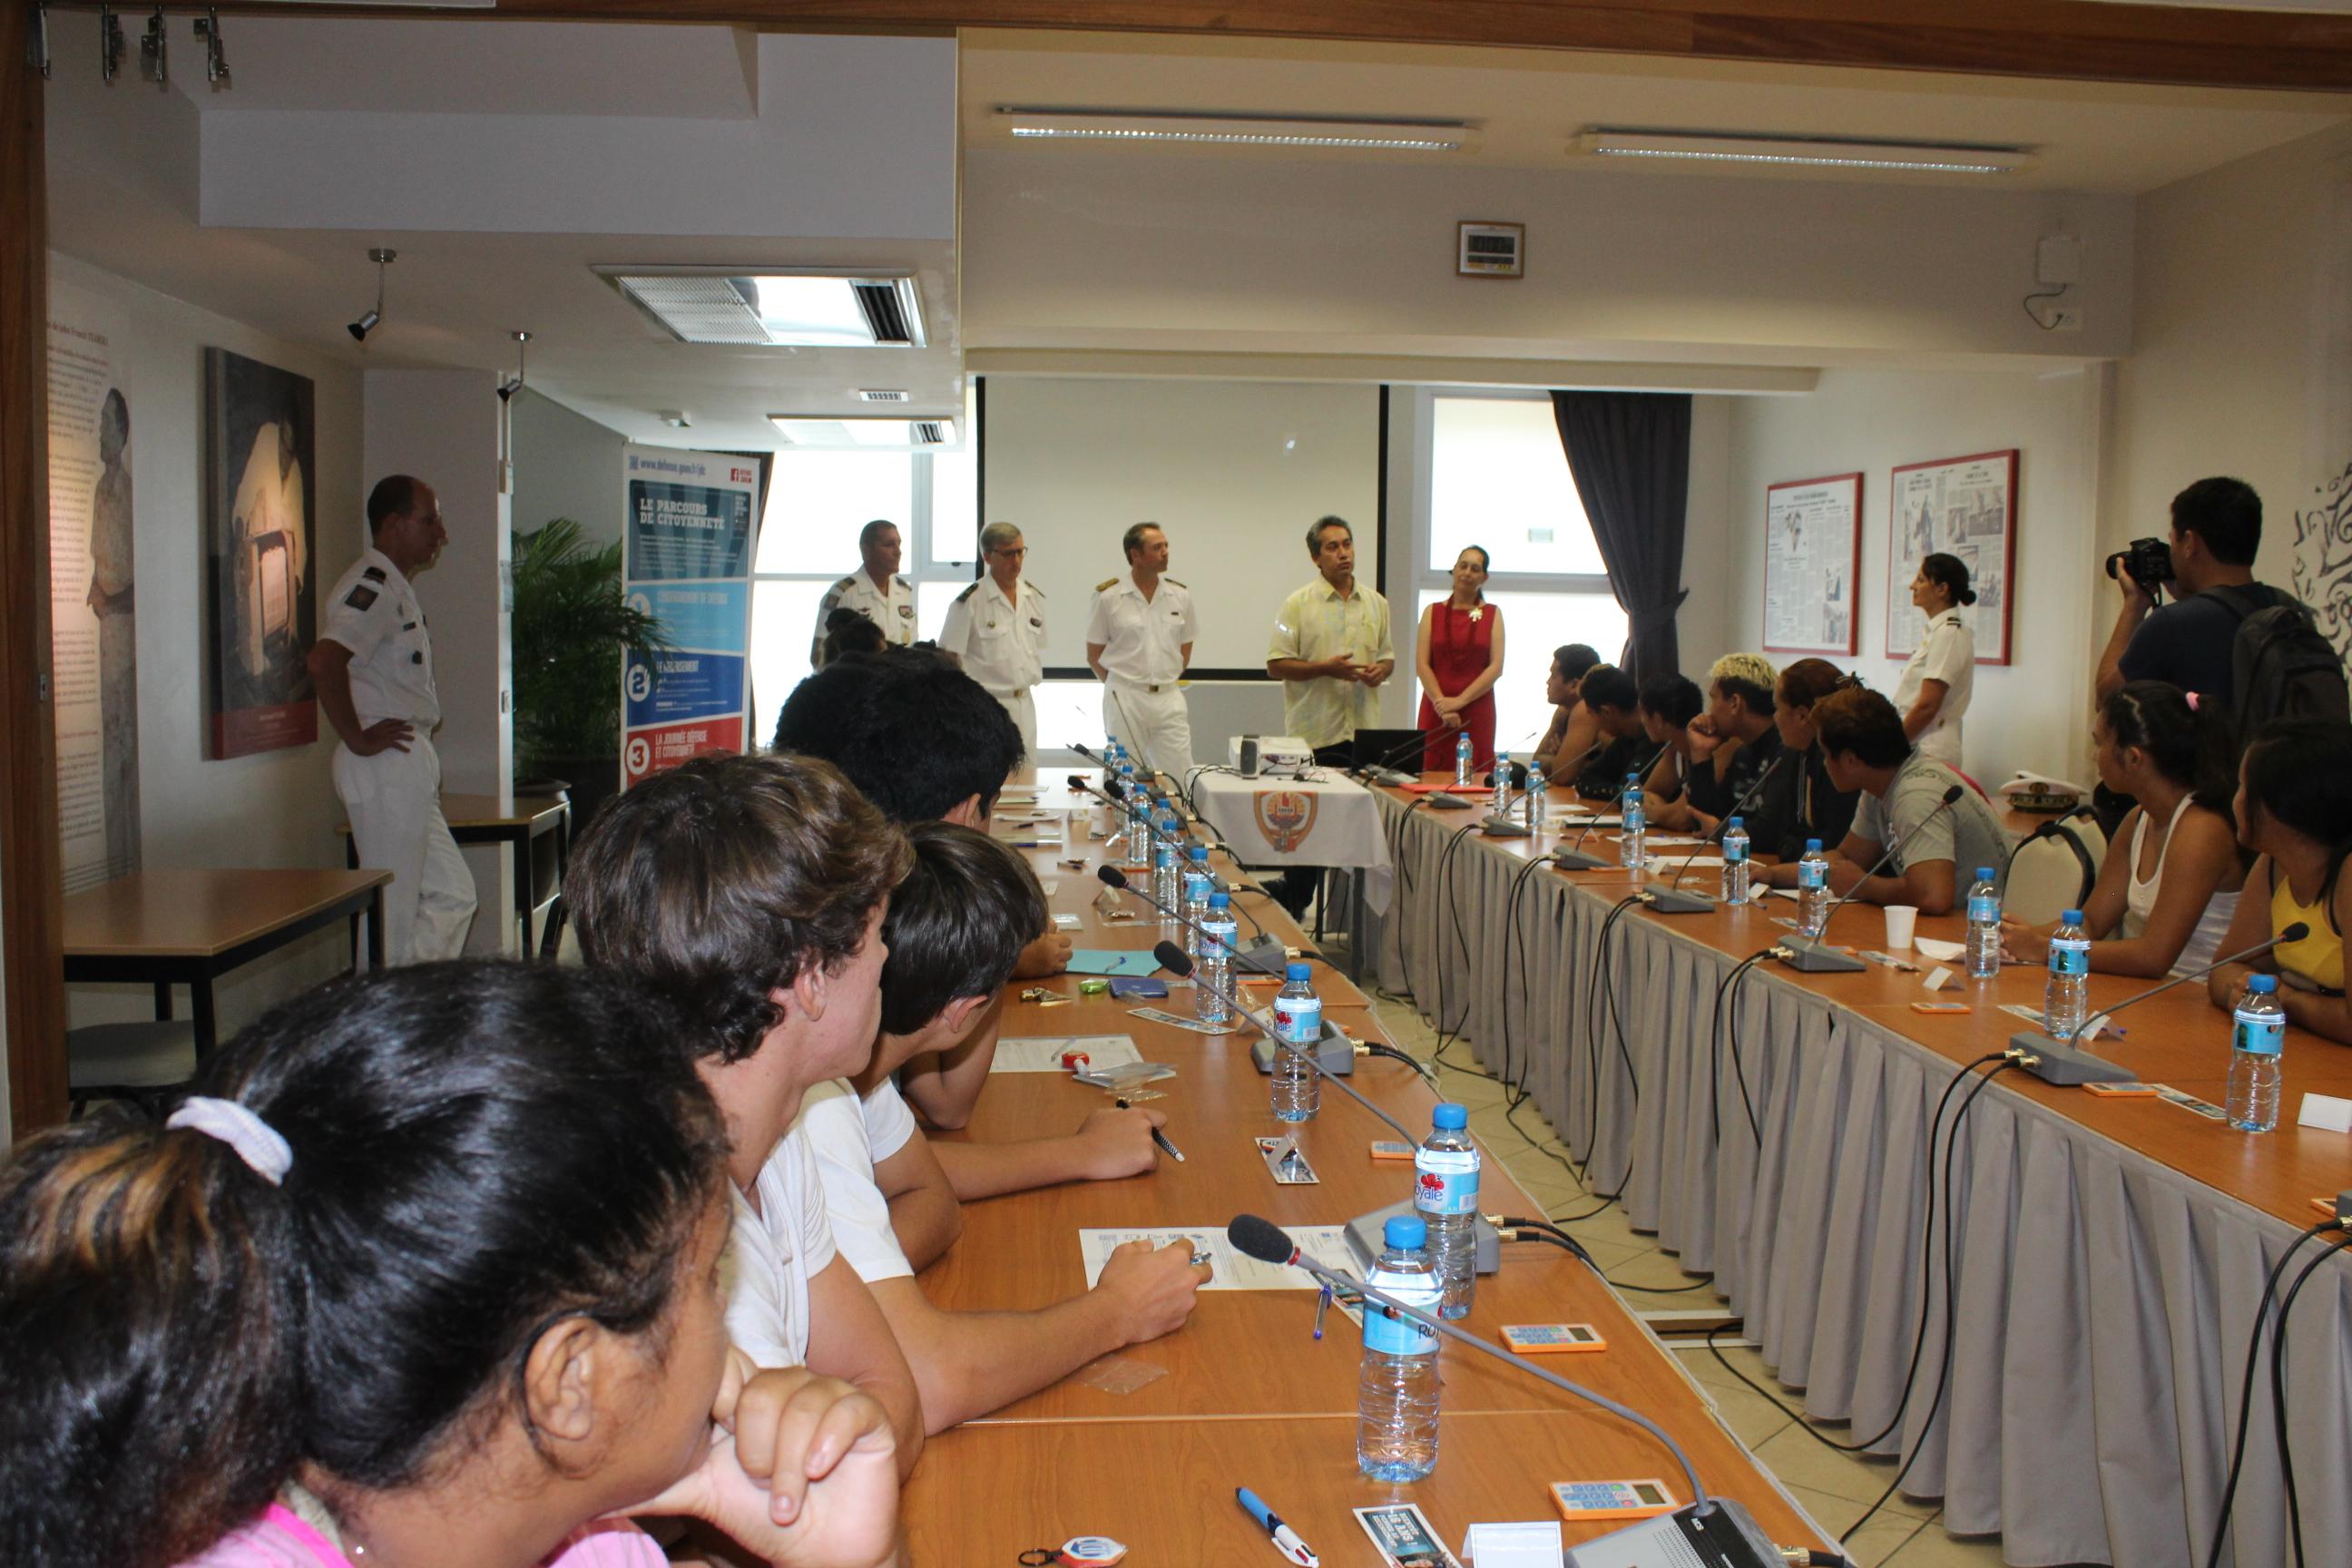 La Journée Défense et Citoyenneté était organisée à l'Assemblée de Polynésie.